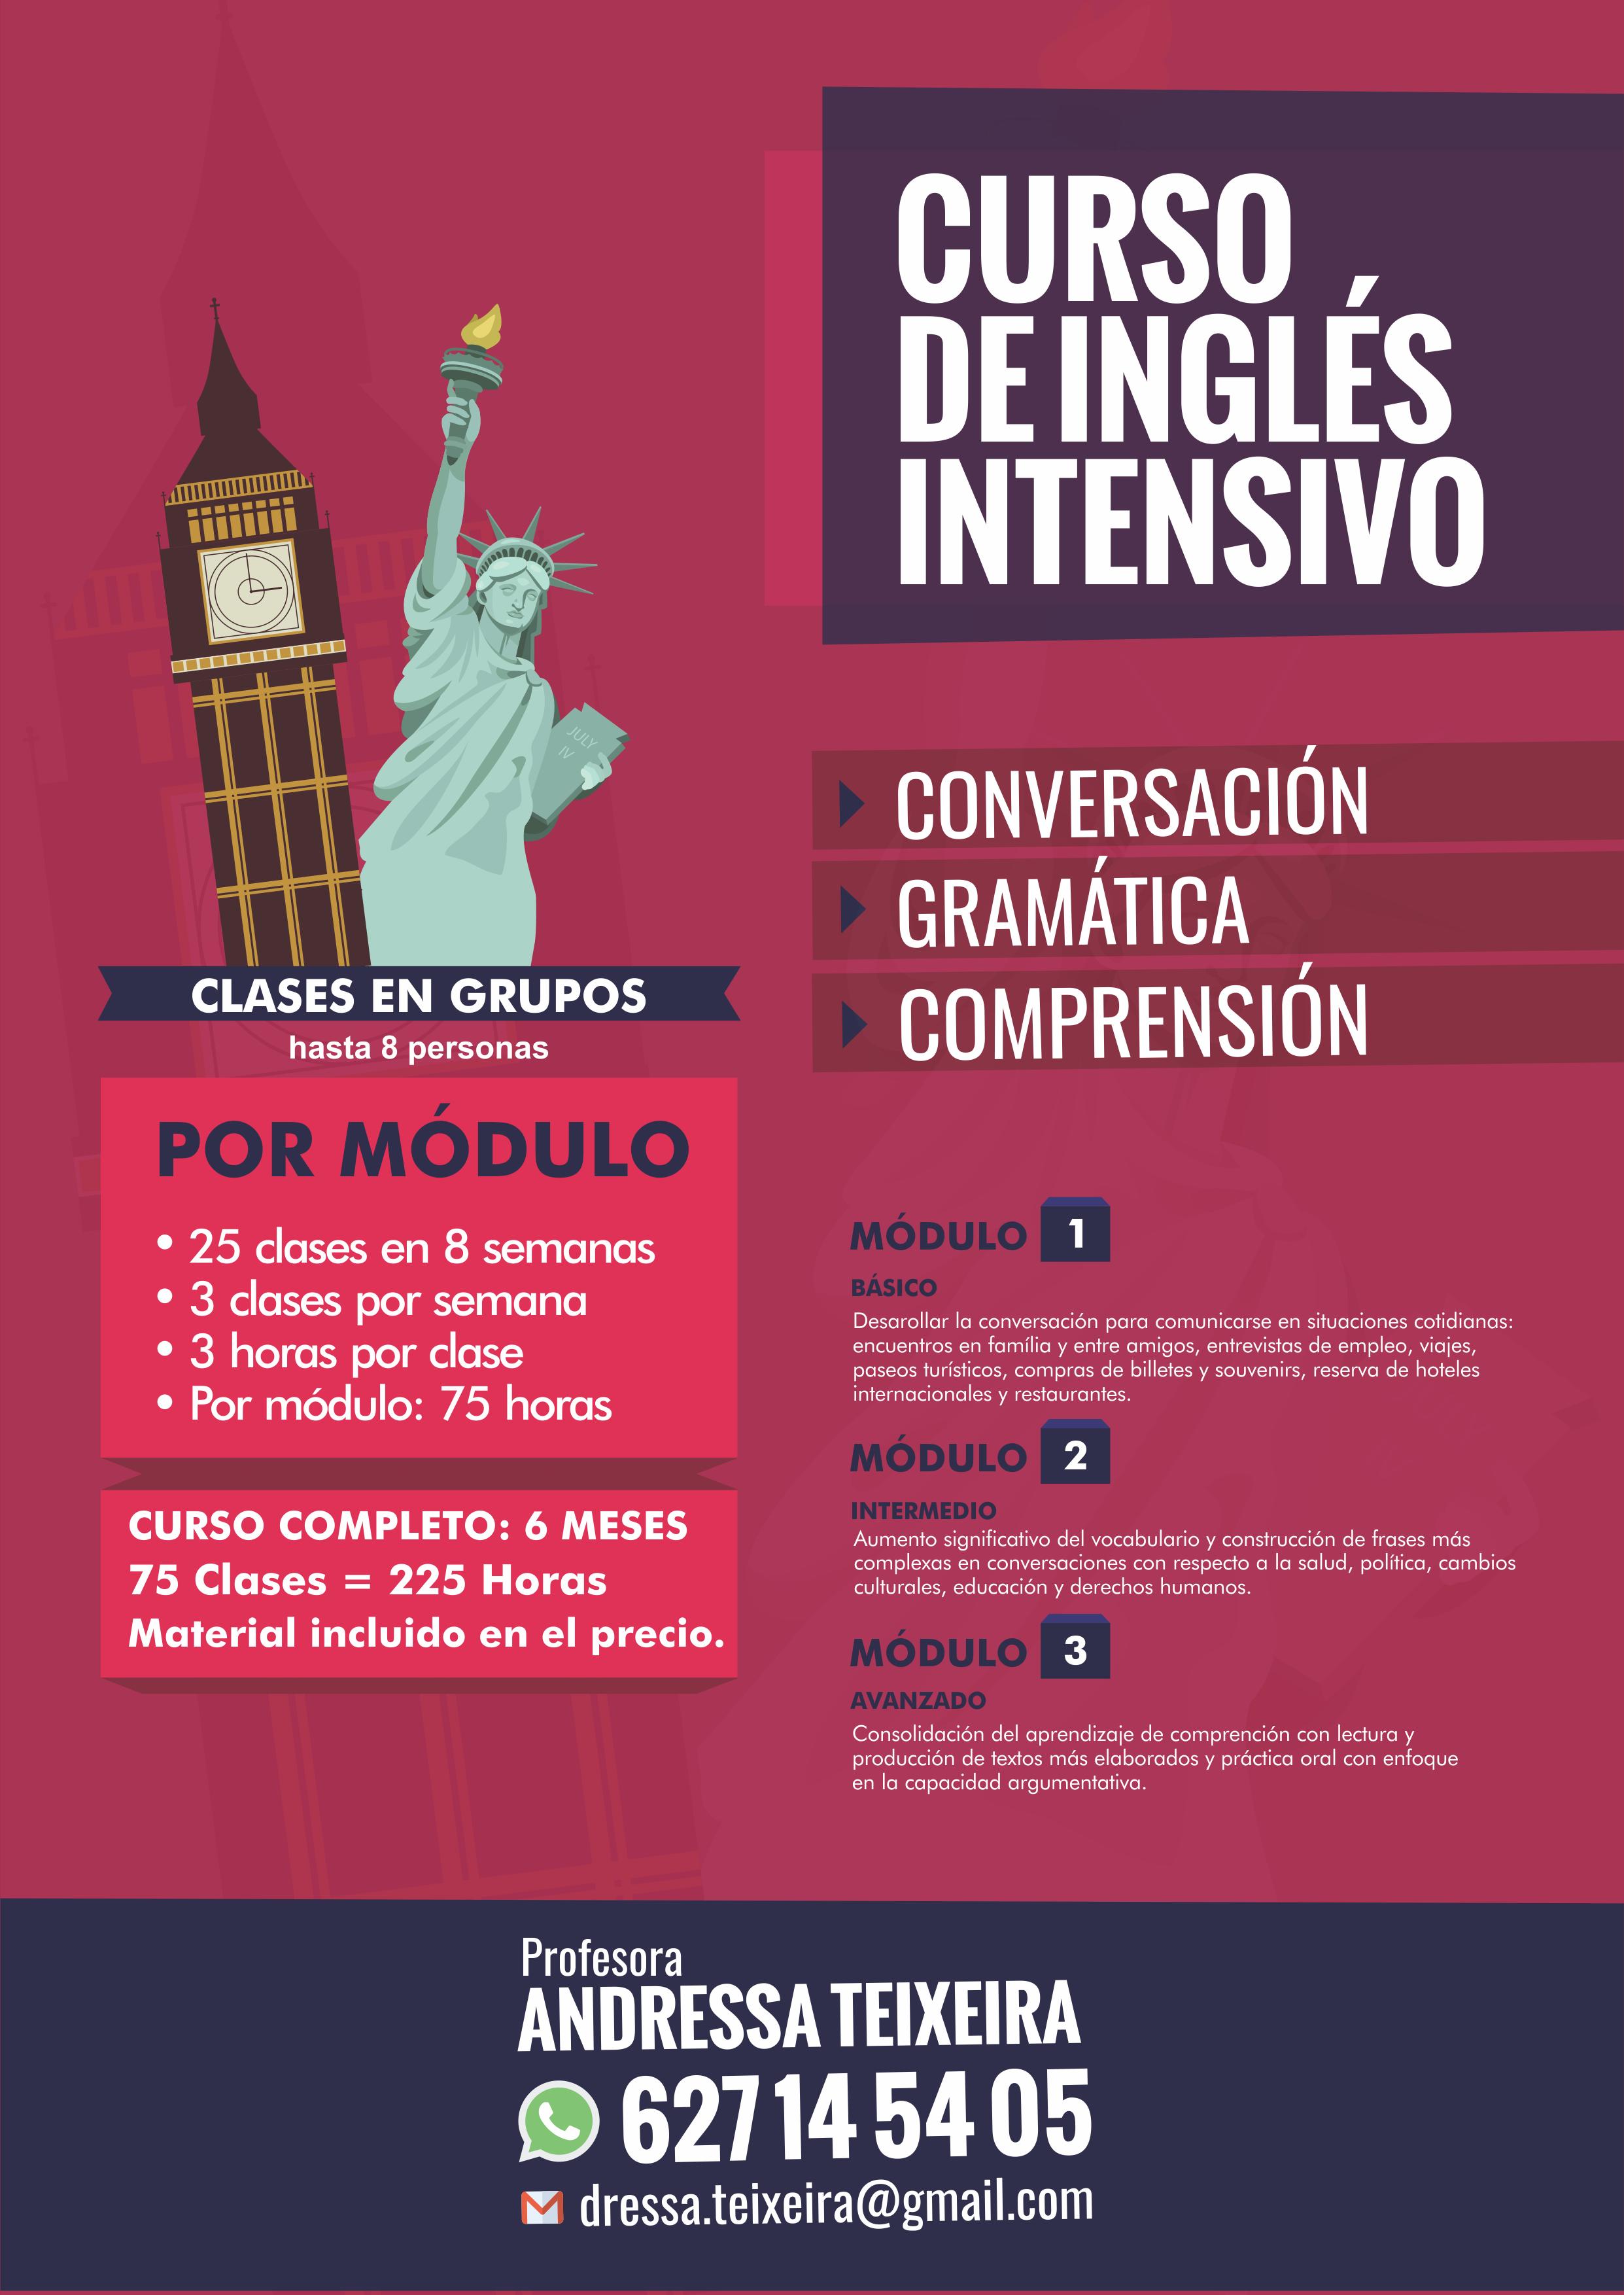 Curso Intensivo de Inglés - Prof. Andressa Teixeira